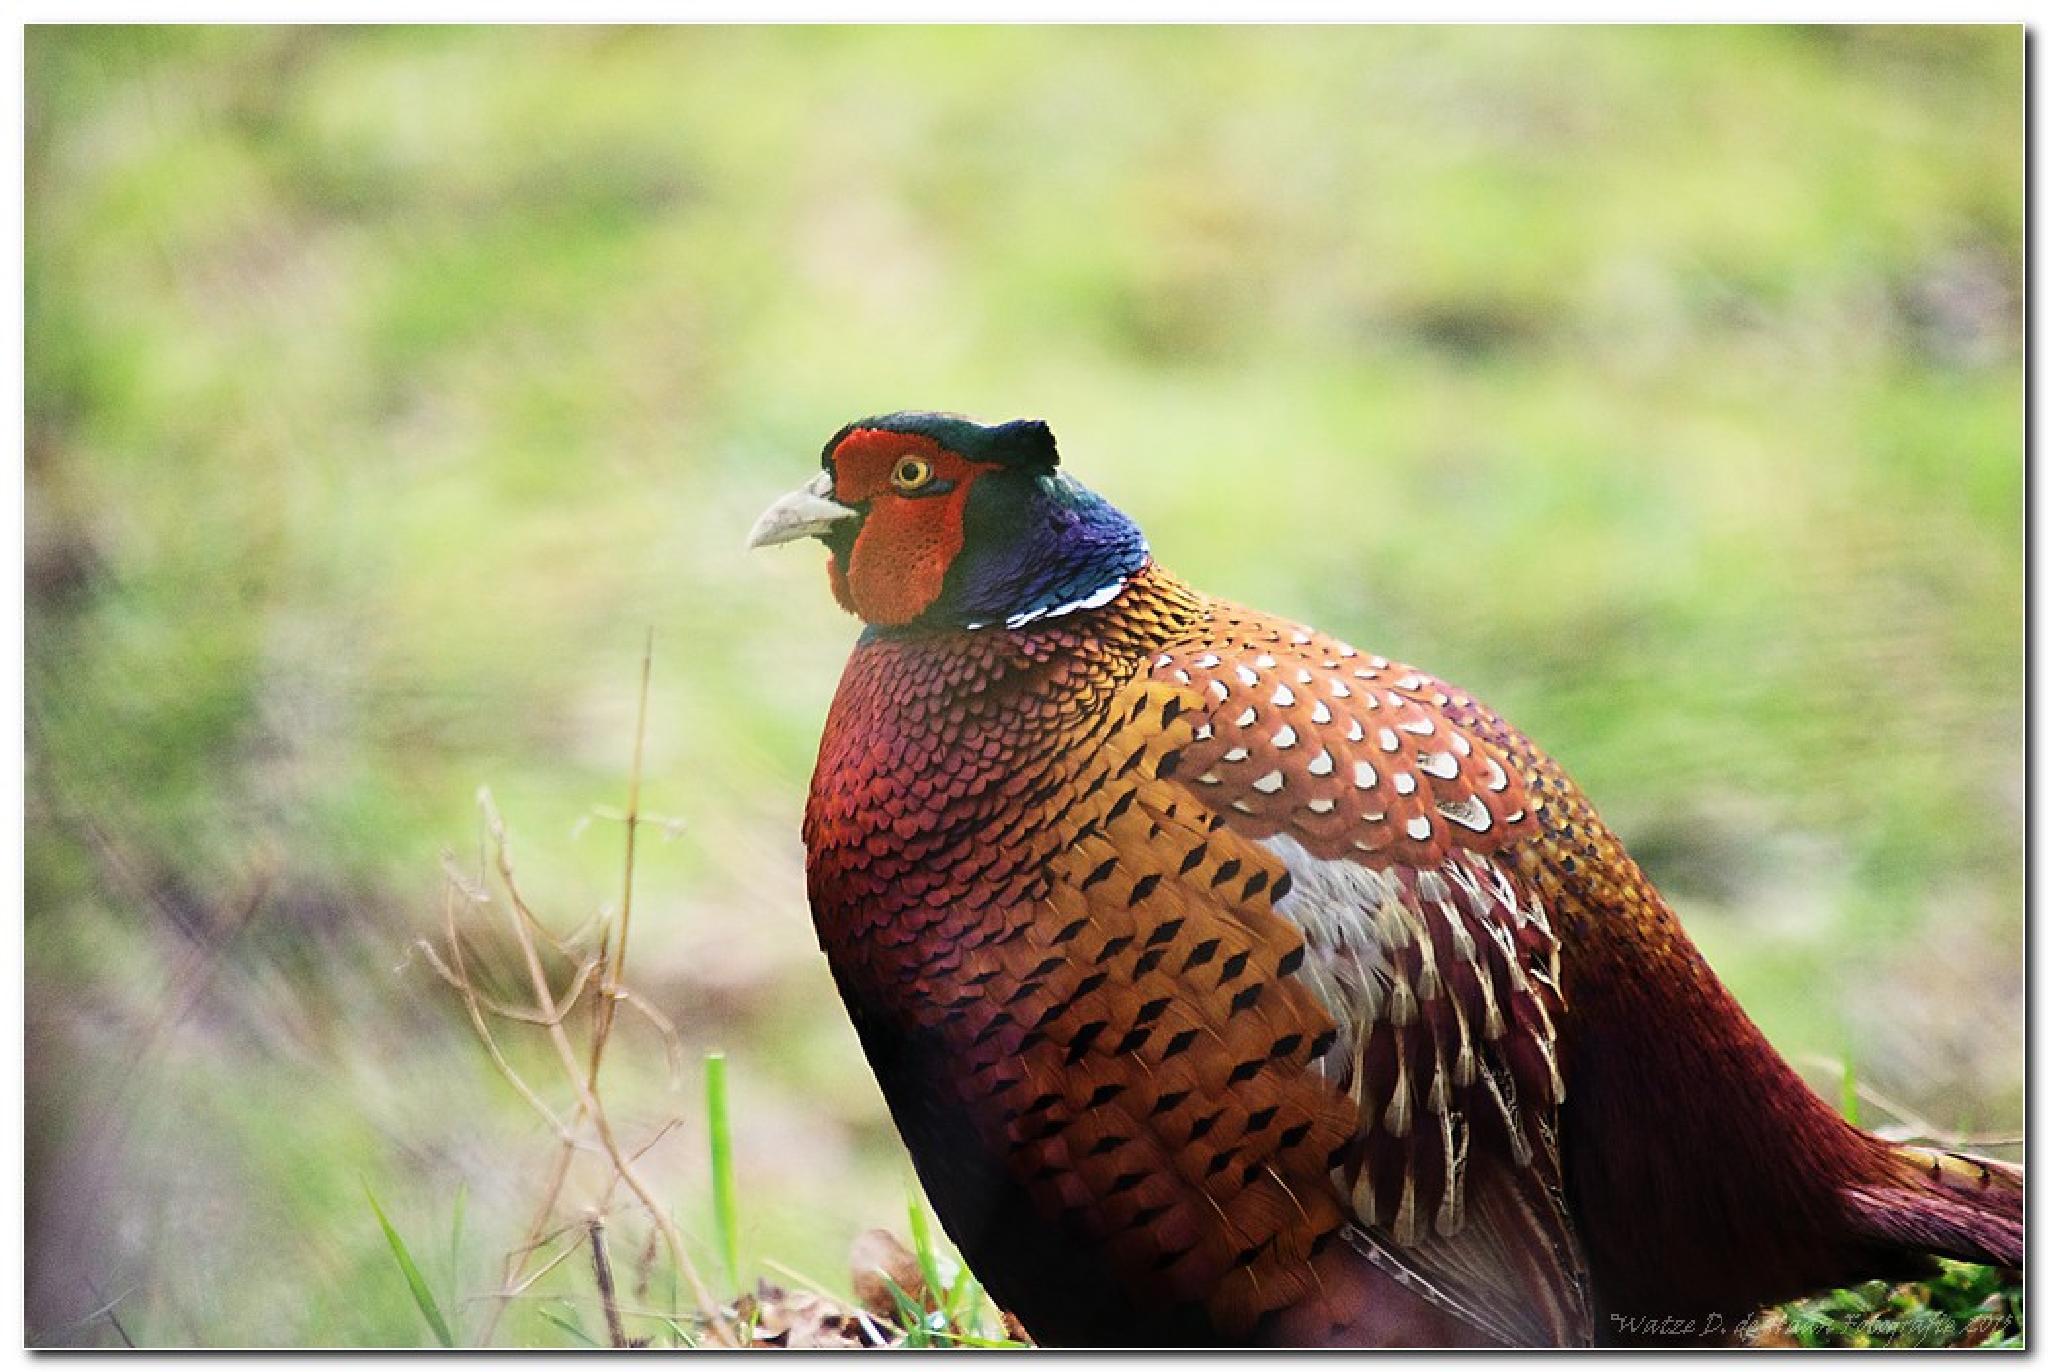 Pheasant by Watze D. de Haan